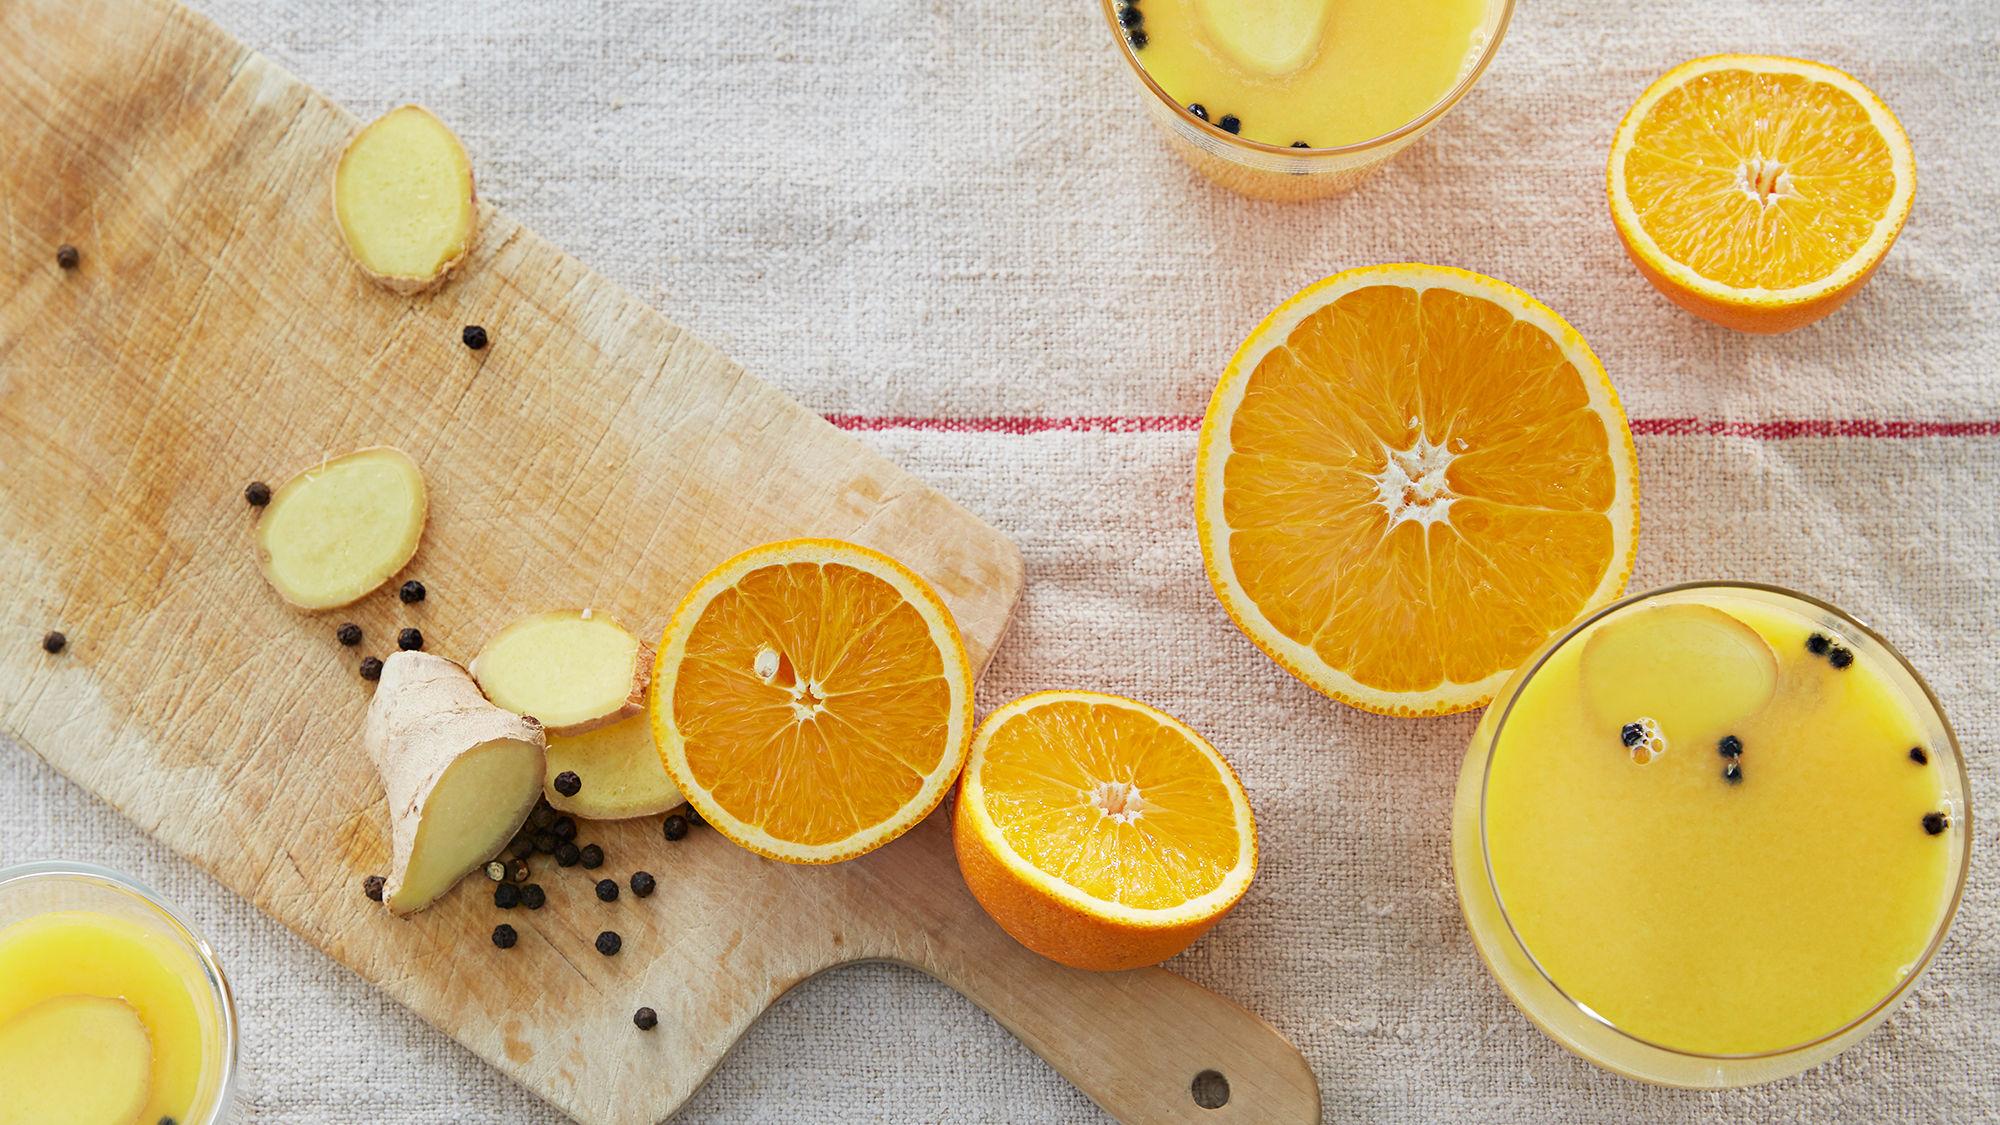 Varm appelsindrikk med ingefær.